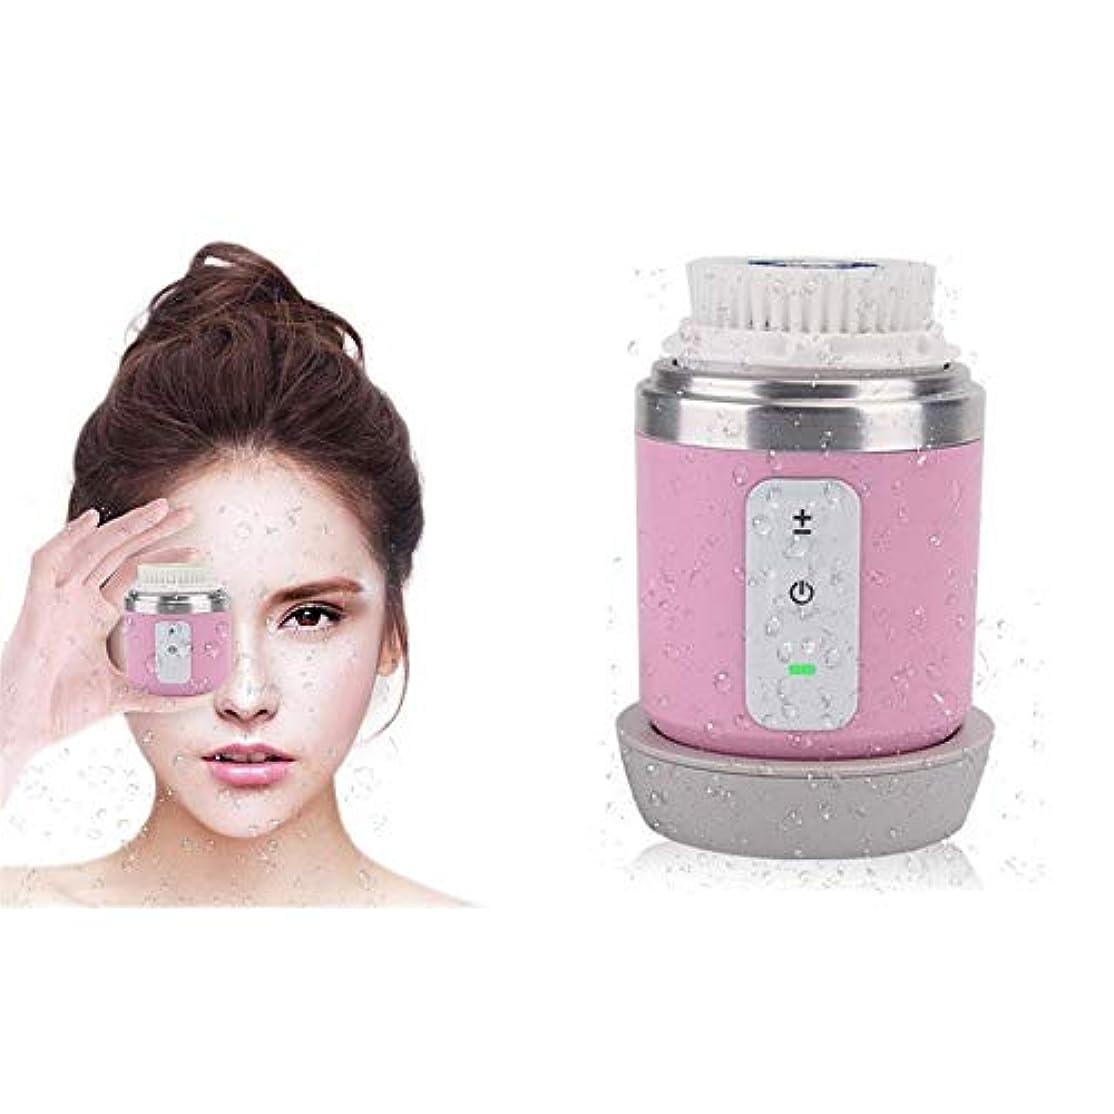 月曜無効続編フェイシャル?クレンザーブラシ、電動洗顔ブラシ、エクスフォリエイティングとブラックヘッドのためにブラックヘッドシリコーン美容インストゥルメントアプライアンスに防水クレンジング器振動クリーナー毛穴